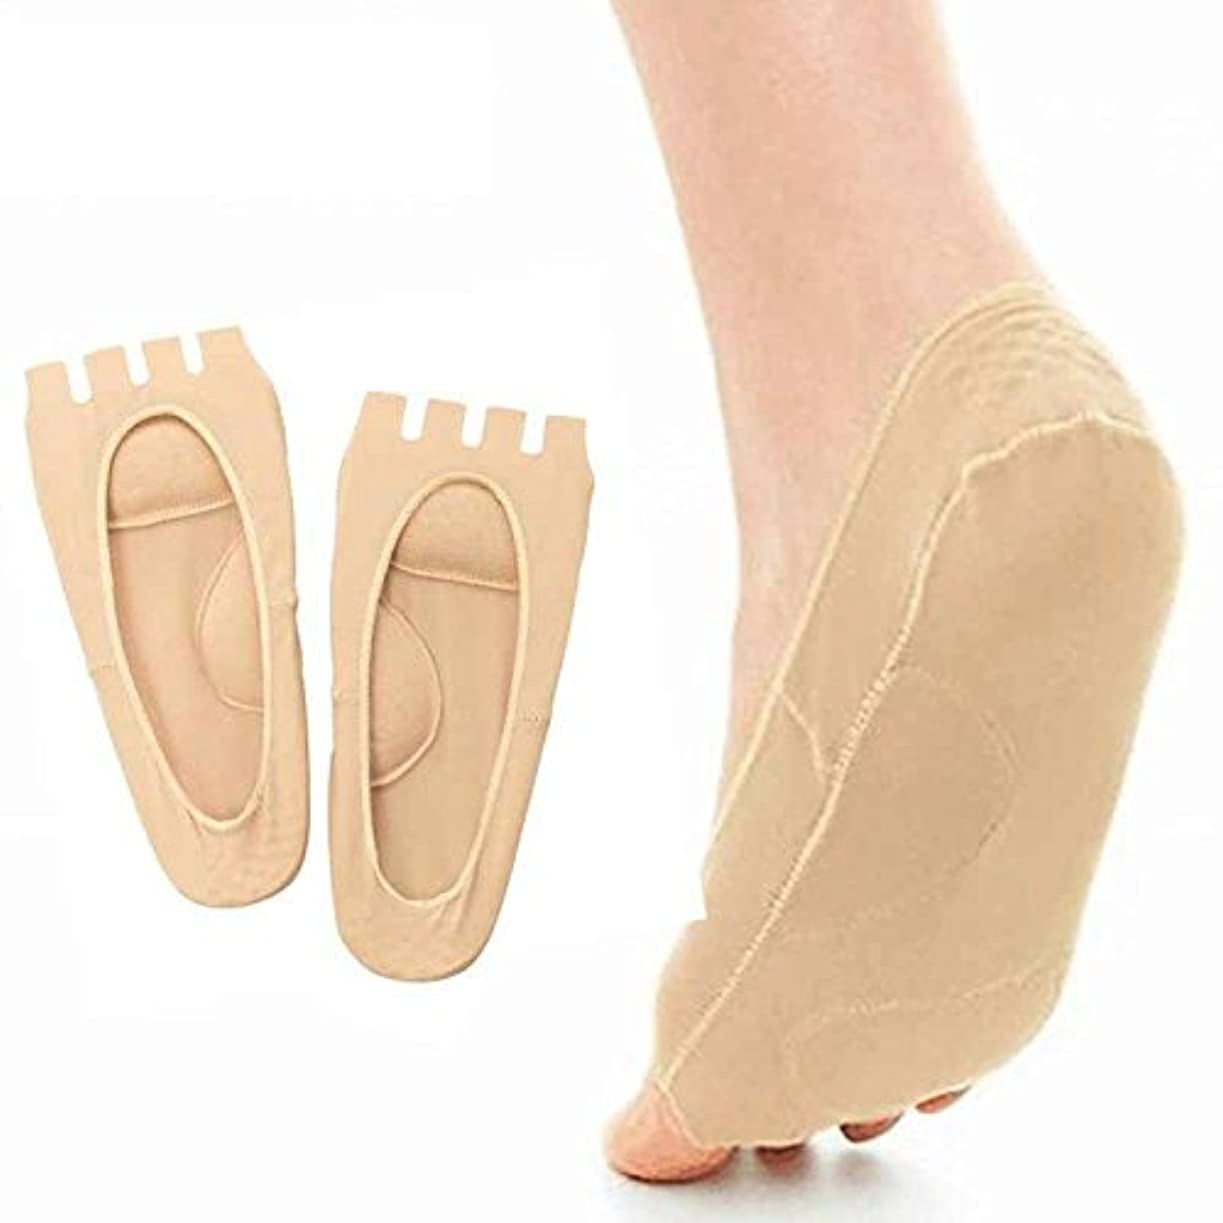 純正石鹸不透明なLorny(TM) ペディキュアツールコンシーラー親指の外反母趾の足セパレータフットケアツールのソックスマッサージャーアーチサポートソックスの痛みを軽減するフット